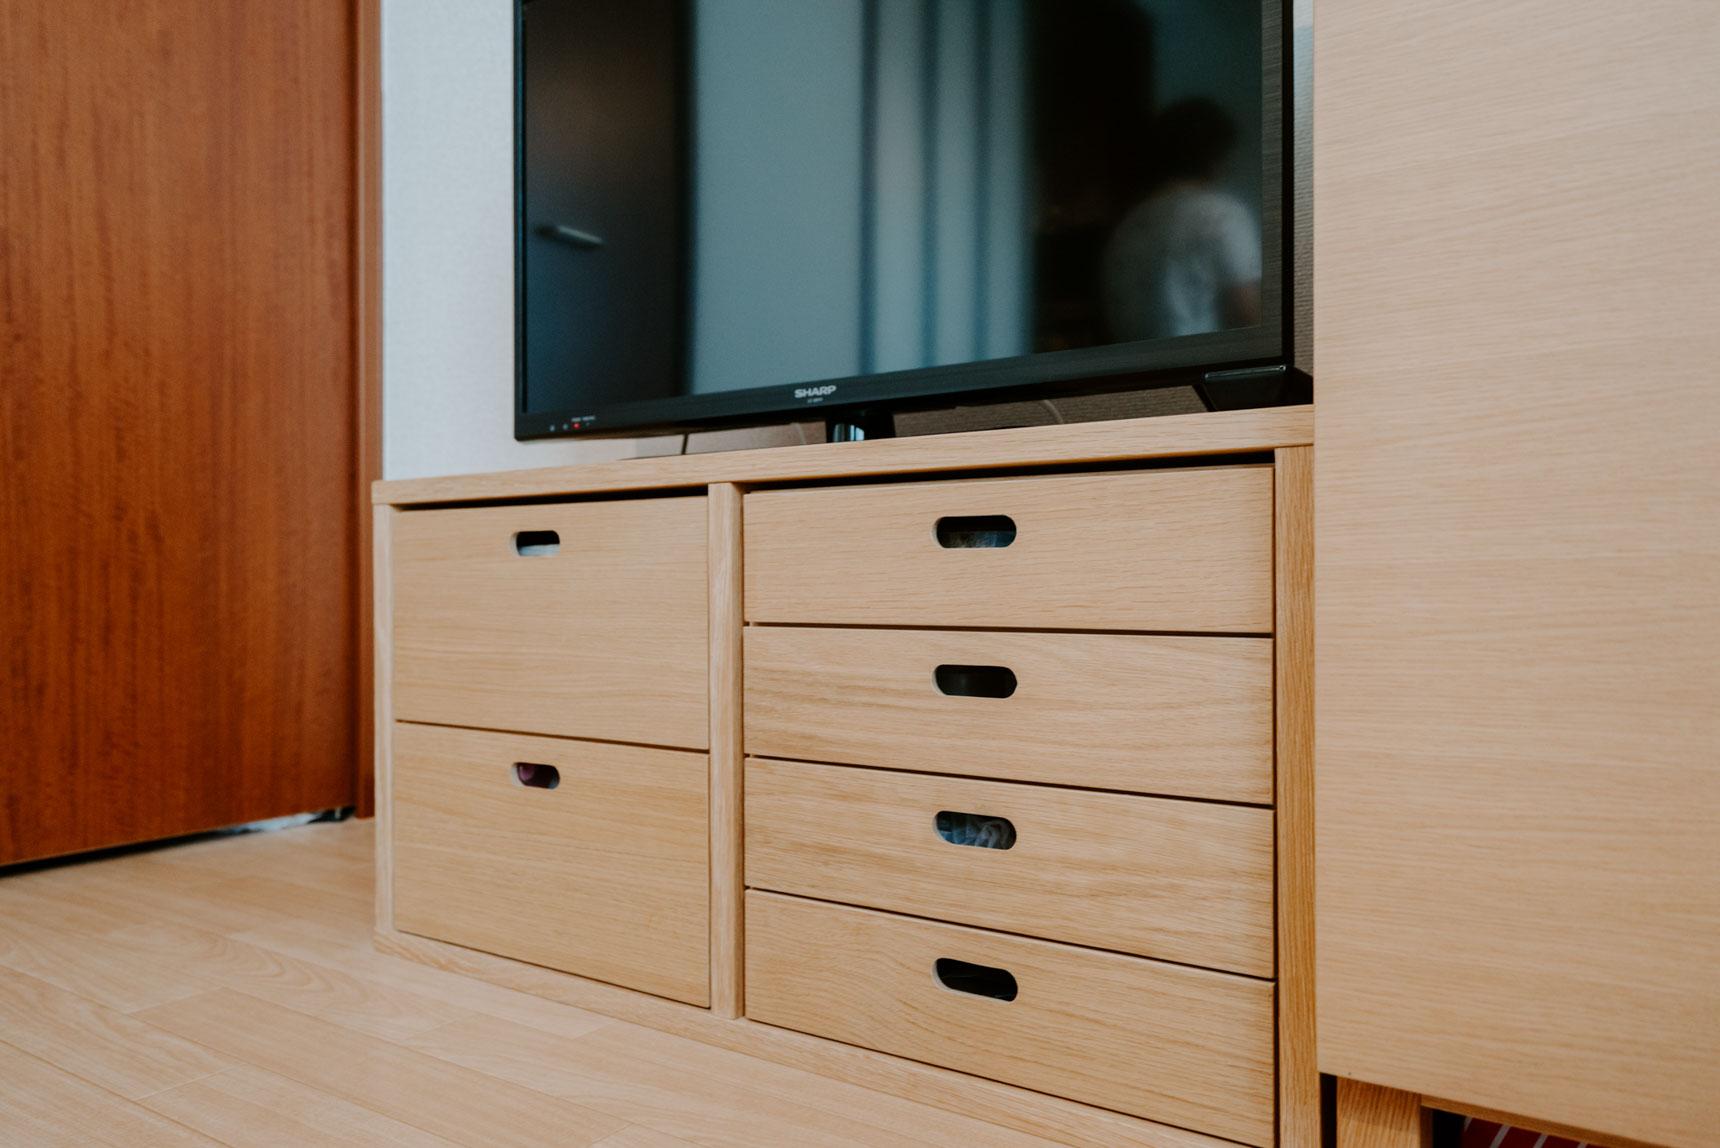 テレビボードにしているのは、無印良品のスタッキングシェルフ。こんな風に最小の組み合わせで使うこともできるんですね。